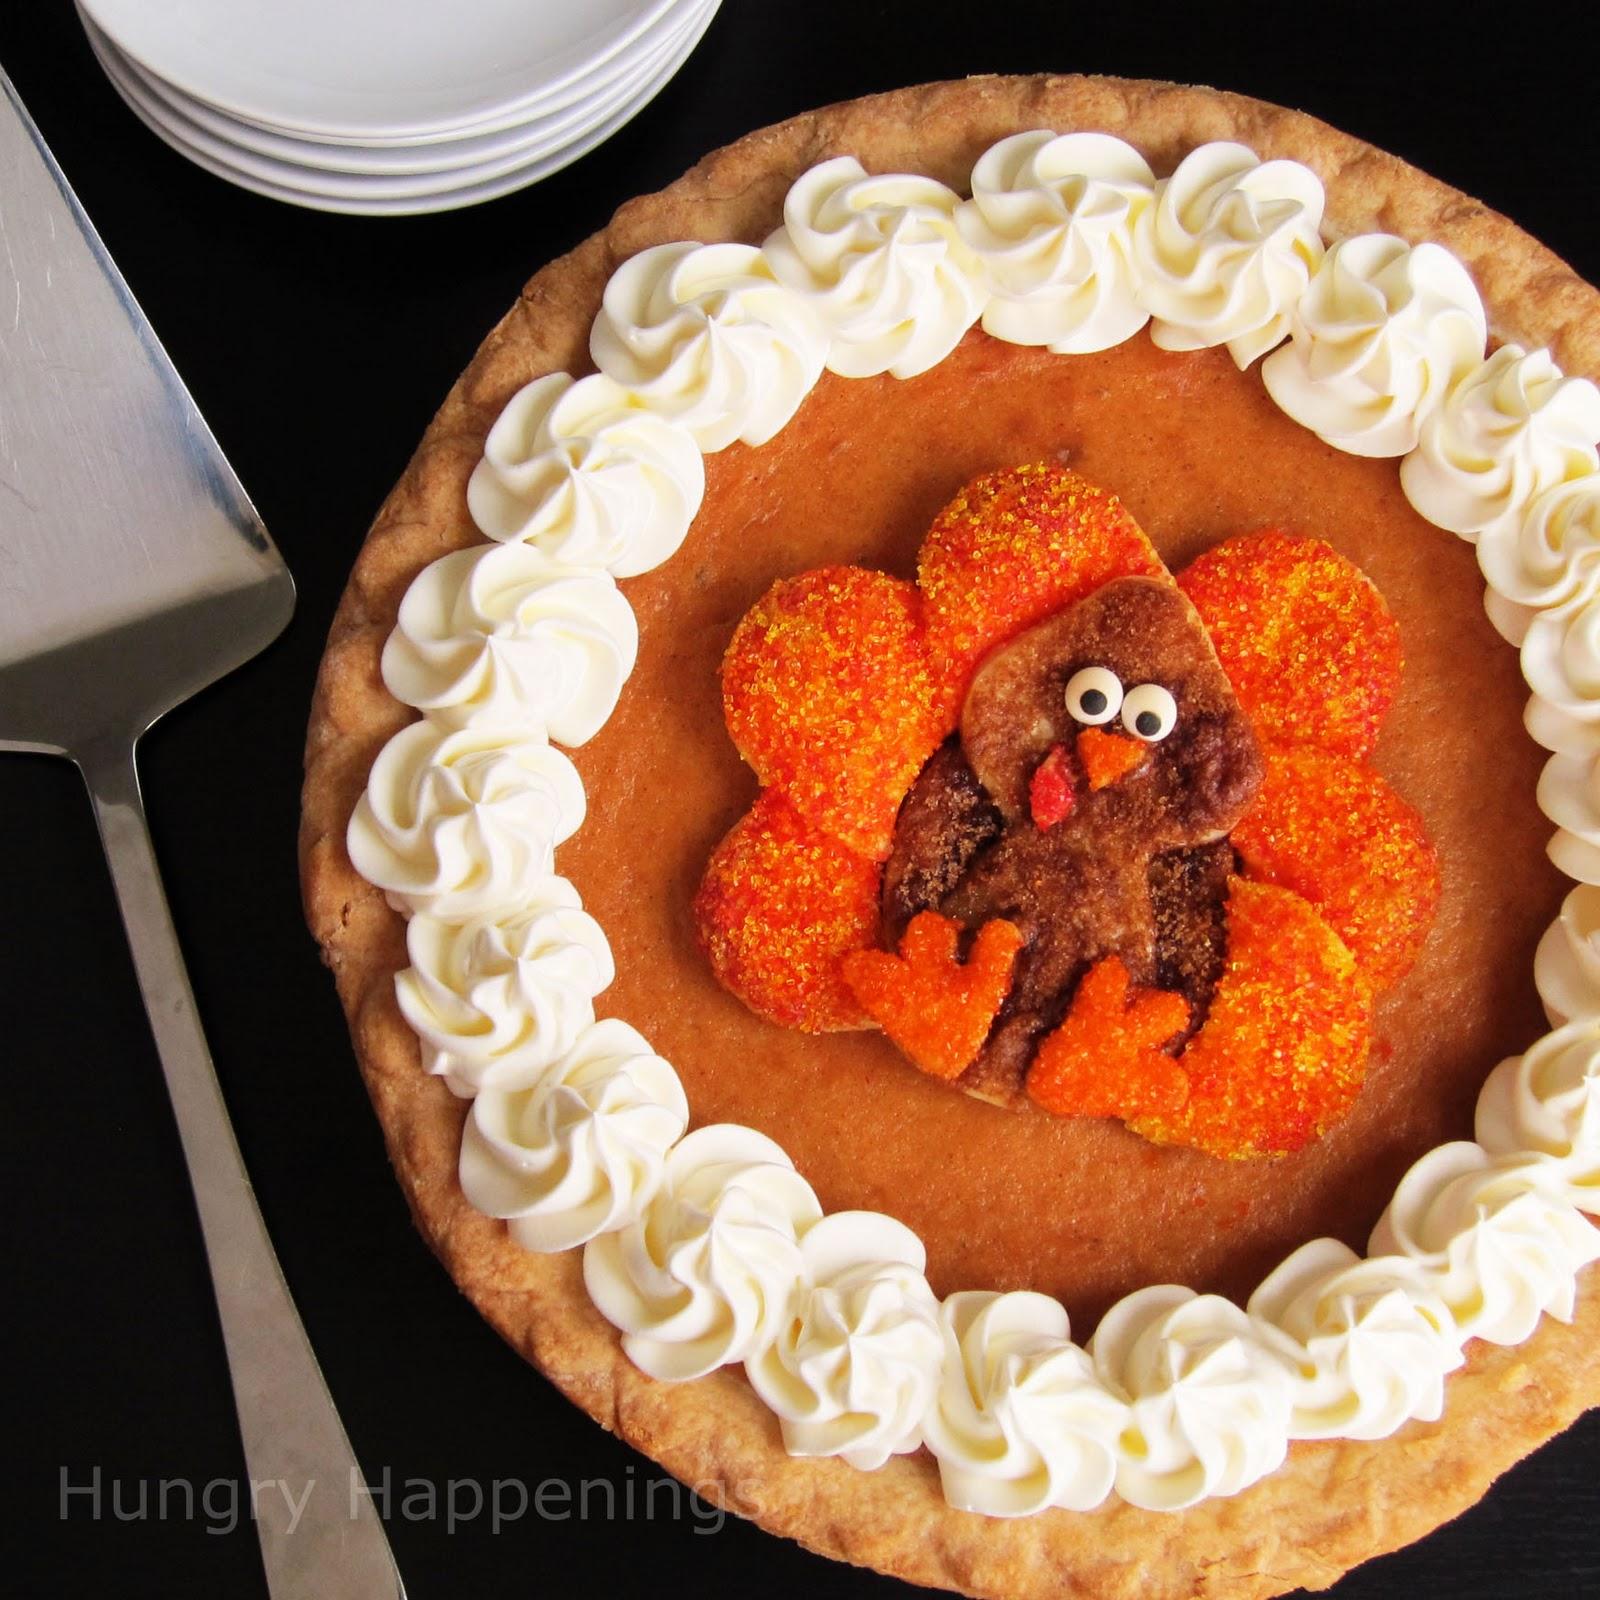 Decorated Pumpkin Pie - Festive Thanksgiving Dessert